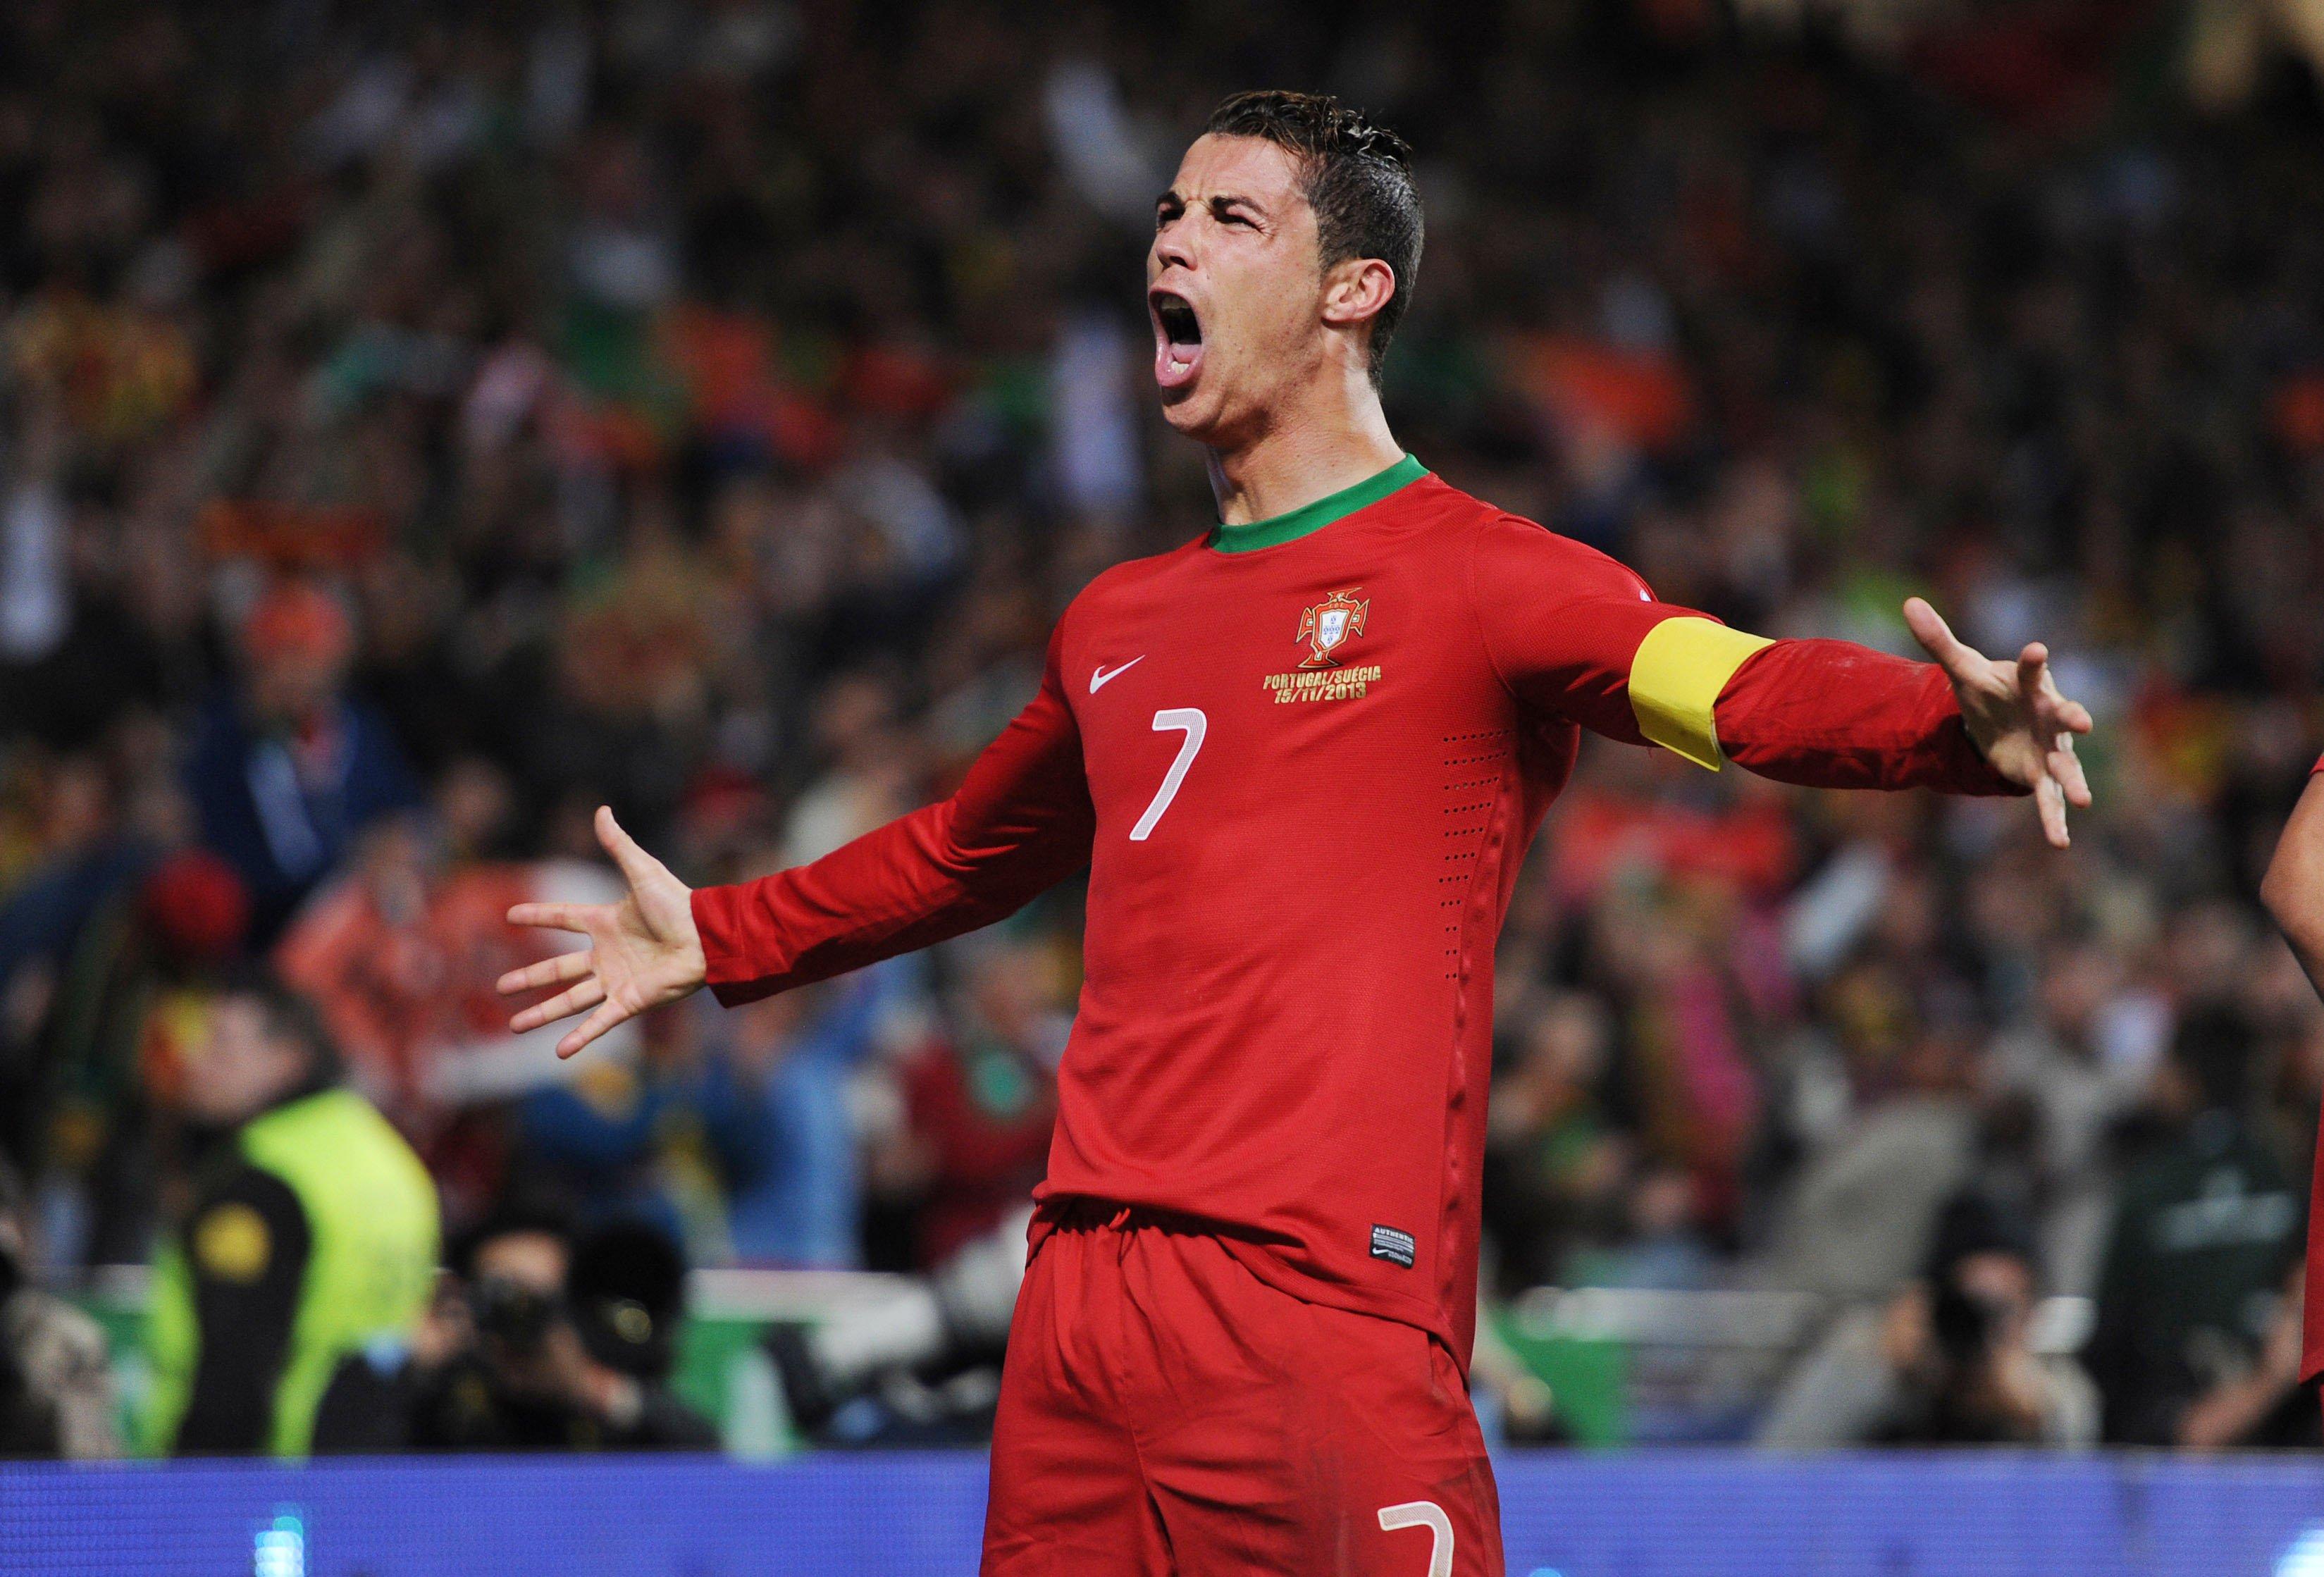 Portogallo_Ronaldo